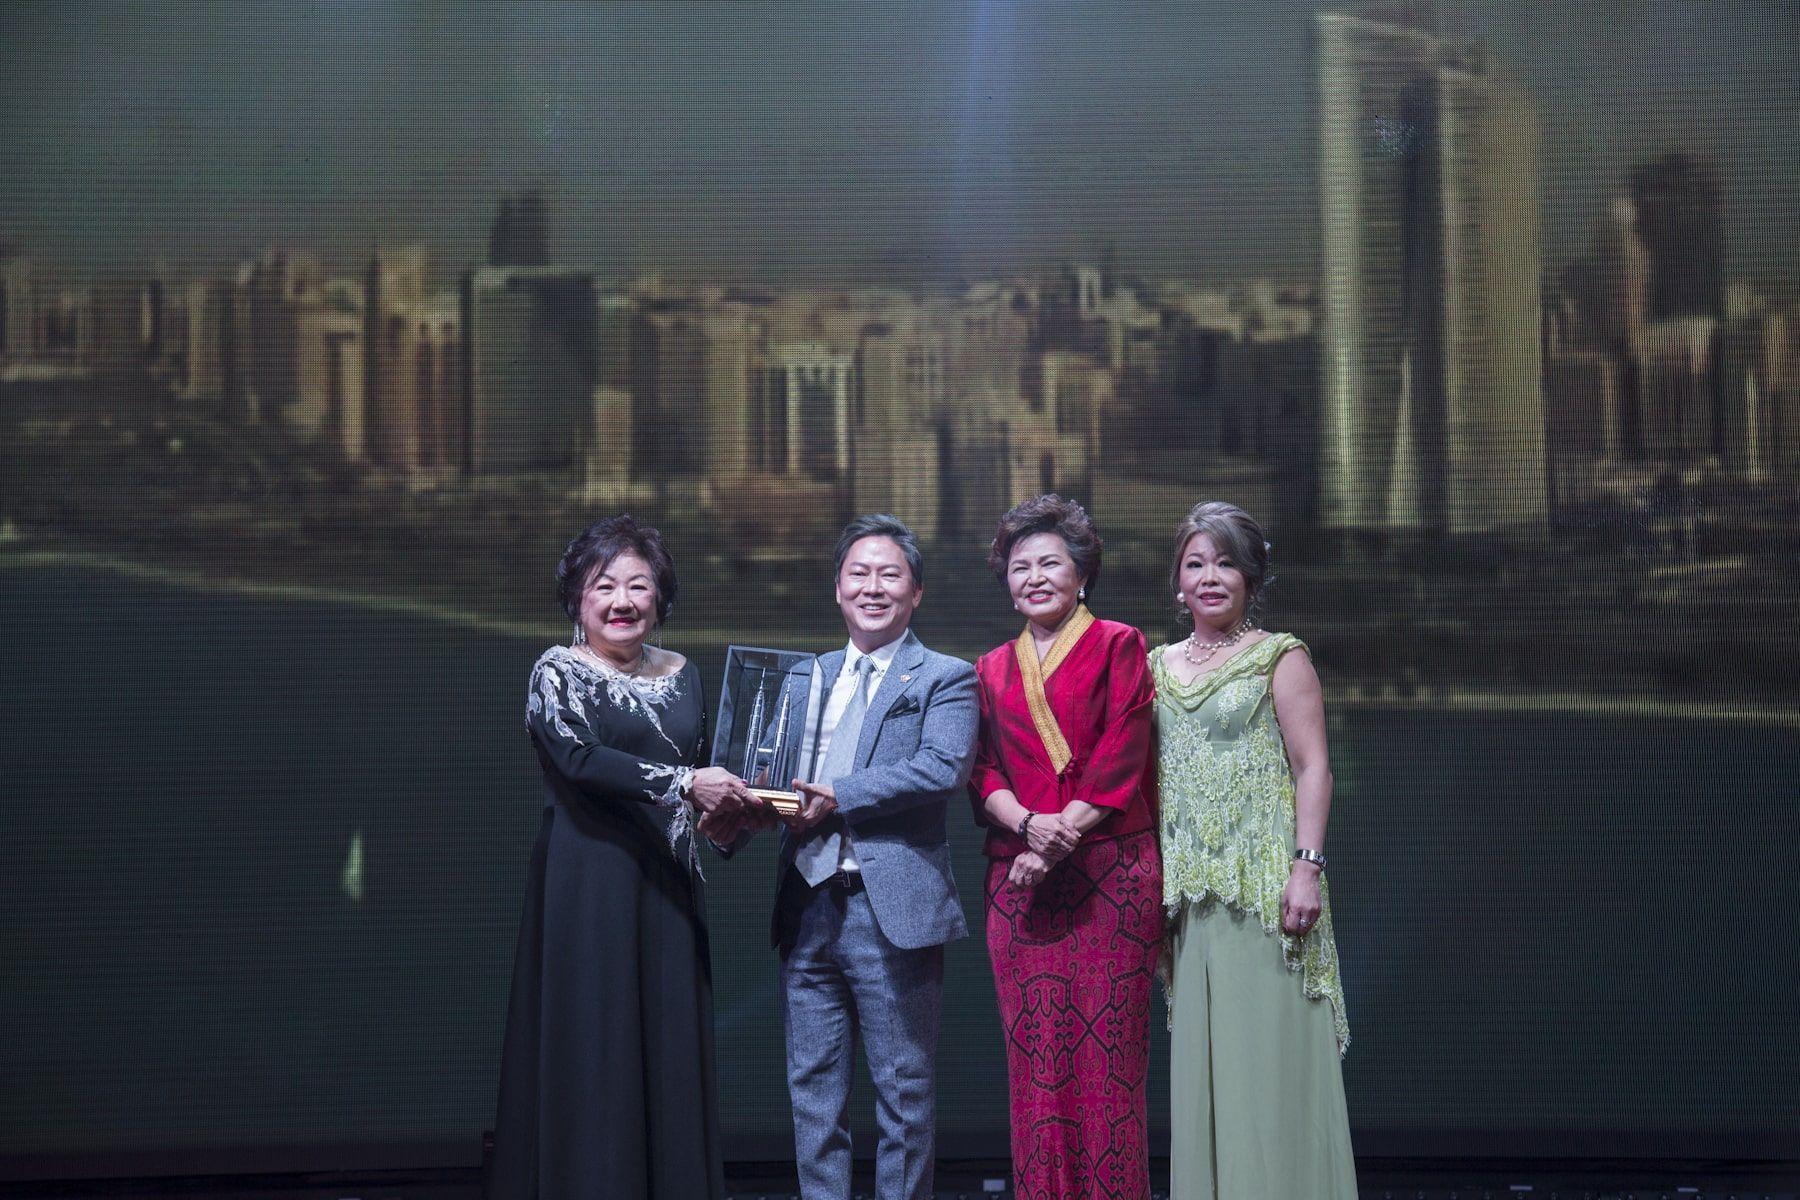 Datin Rosalind Lee, Dato Prof Dr Alan Wong, Tan Sri Dato Sri Prof Dr Ng Yen Yen, Datuk Prof Dr Stella Chin